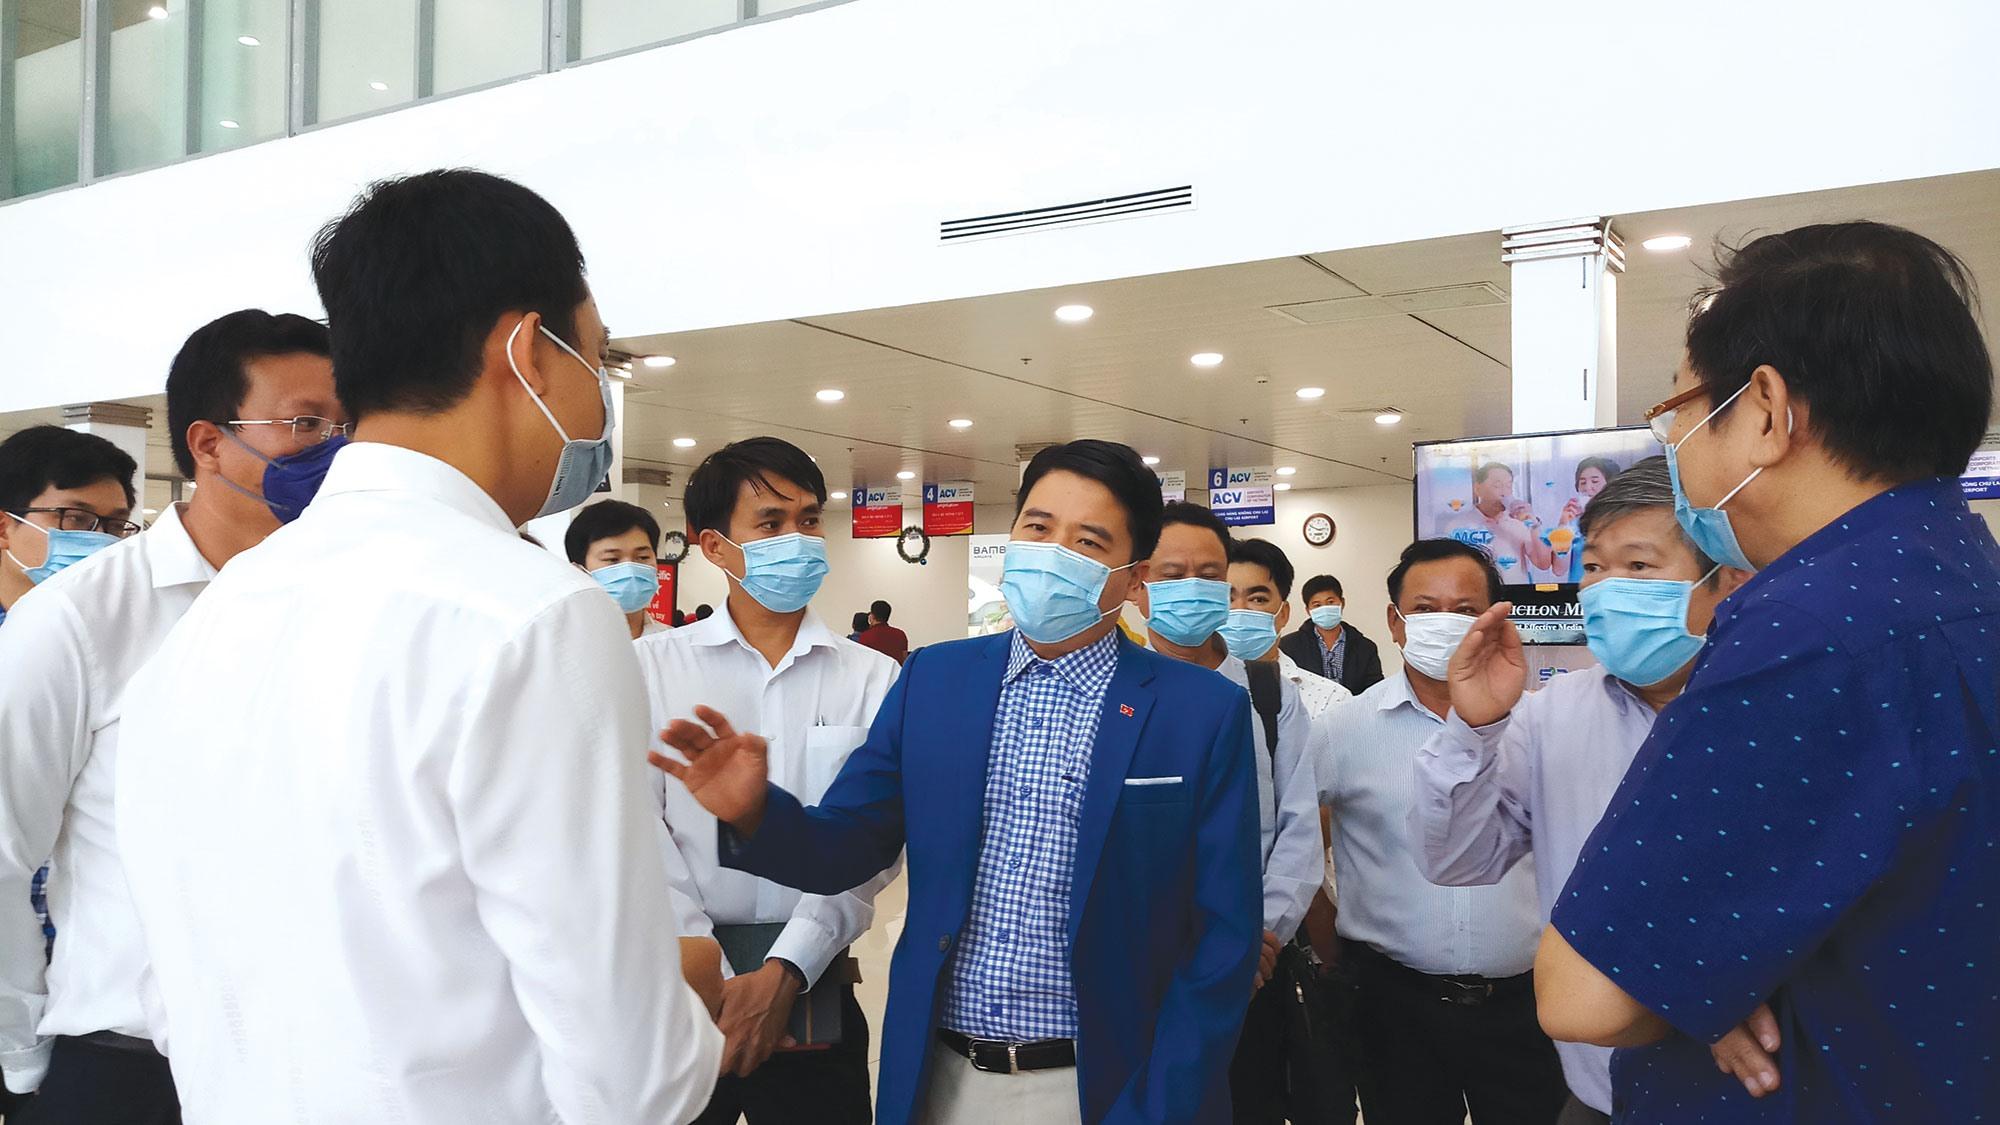 Lãnh đạo tỉnh khảo sát công tác phòng chống dịch tại khu vực sân bay Chu Lai - Núi Thành vào chiều ngày 6.2.2020. Ảnh: ALĂNG NGƯỚC